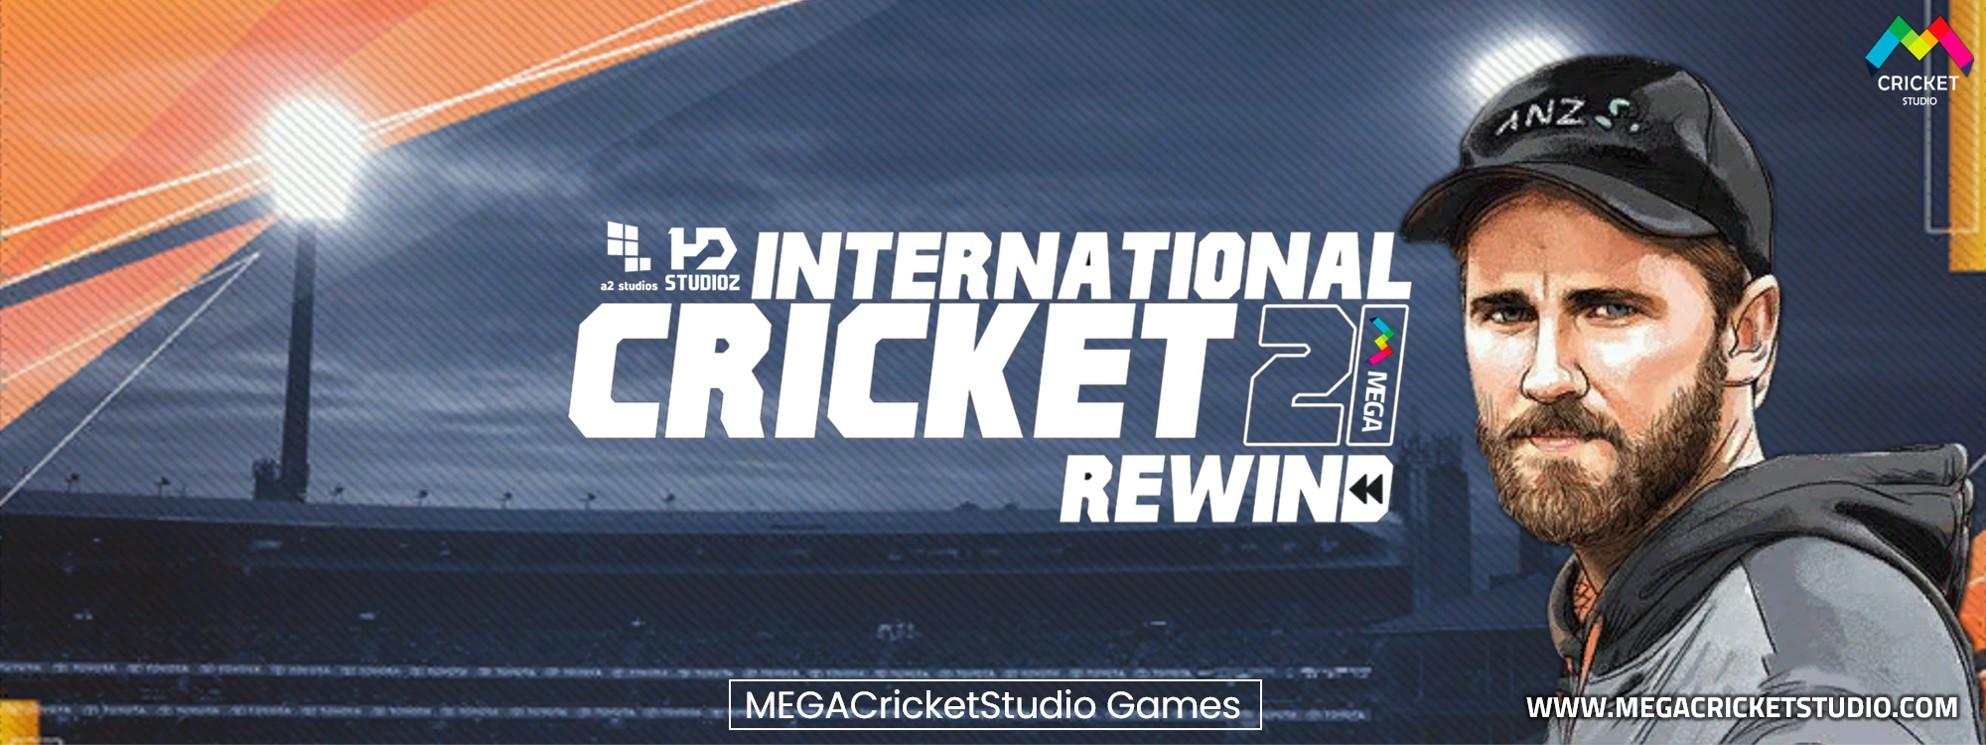 international cricket 2021 rewind patch free download